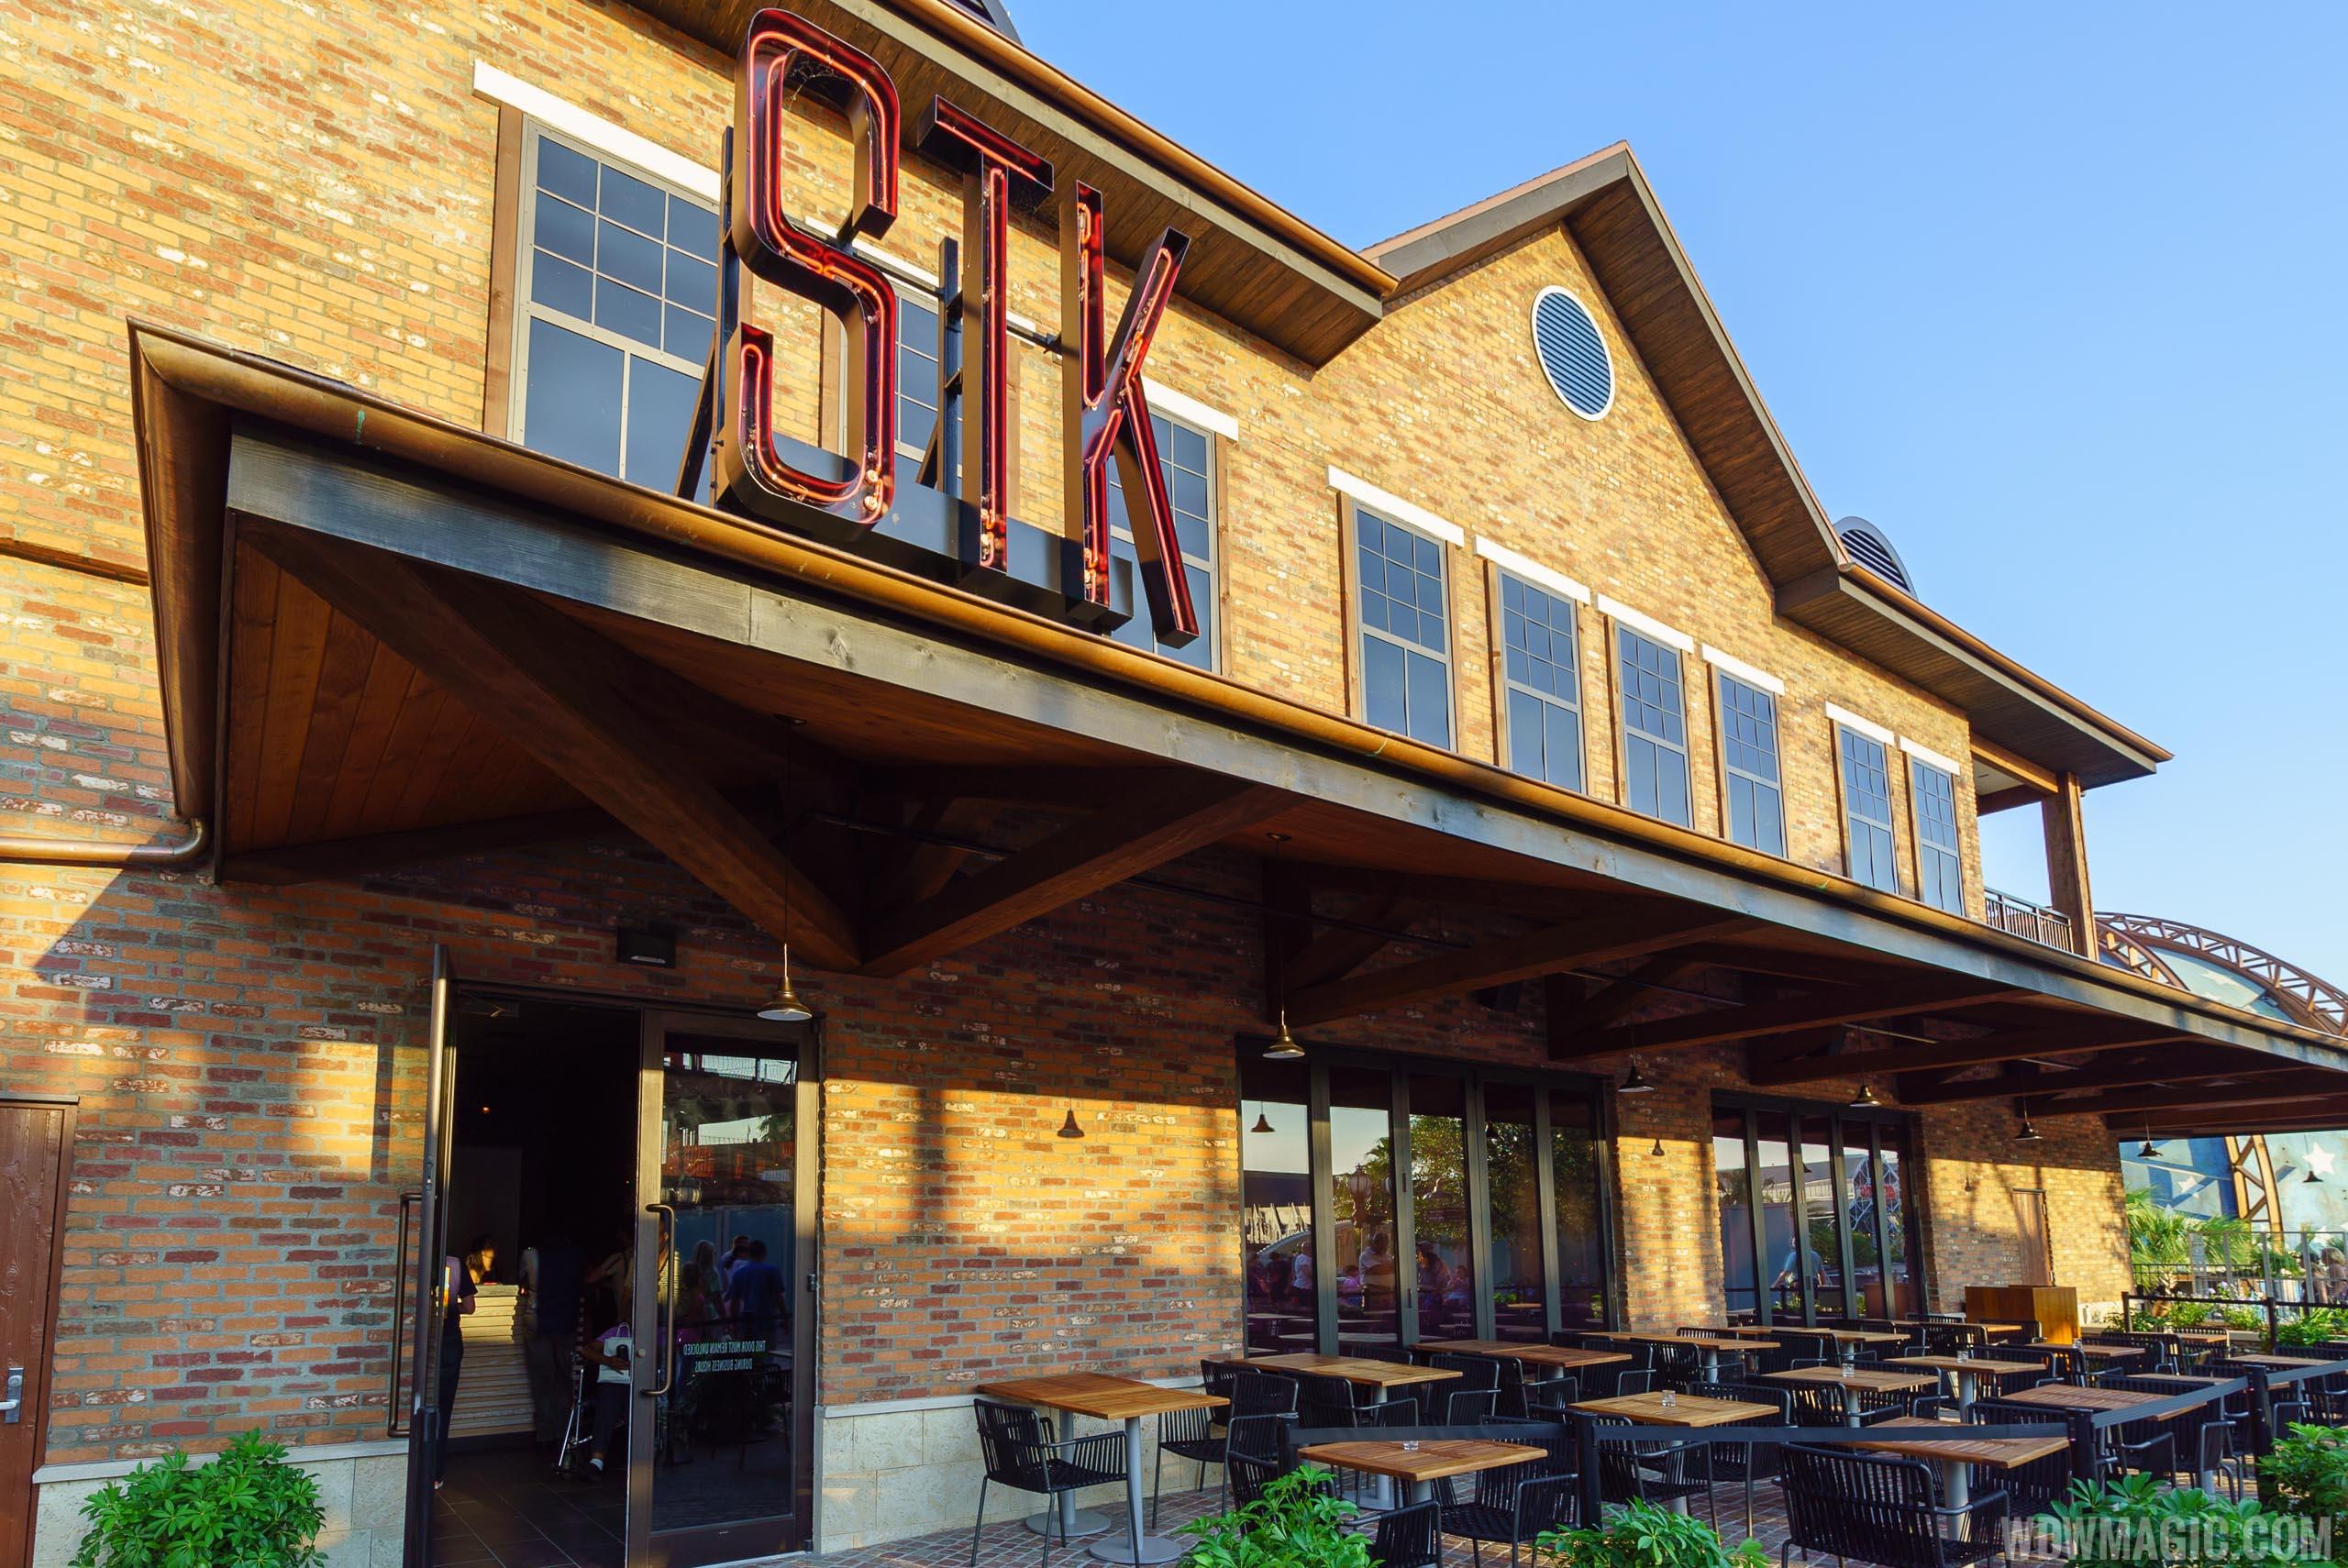 STK Orlando - a high end restaurant in Disney Springs